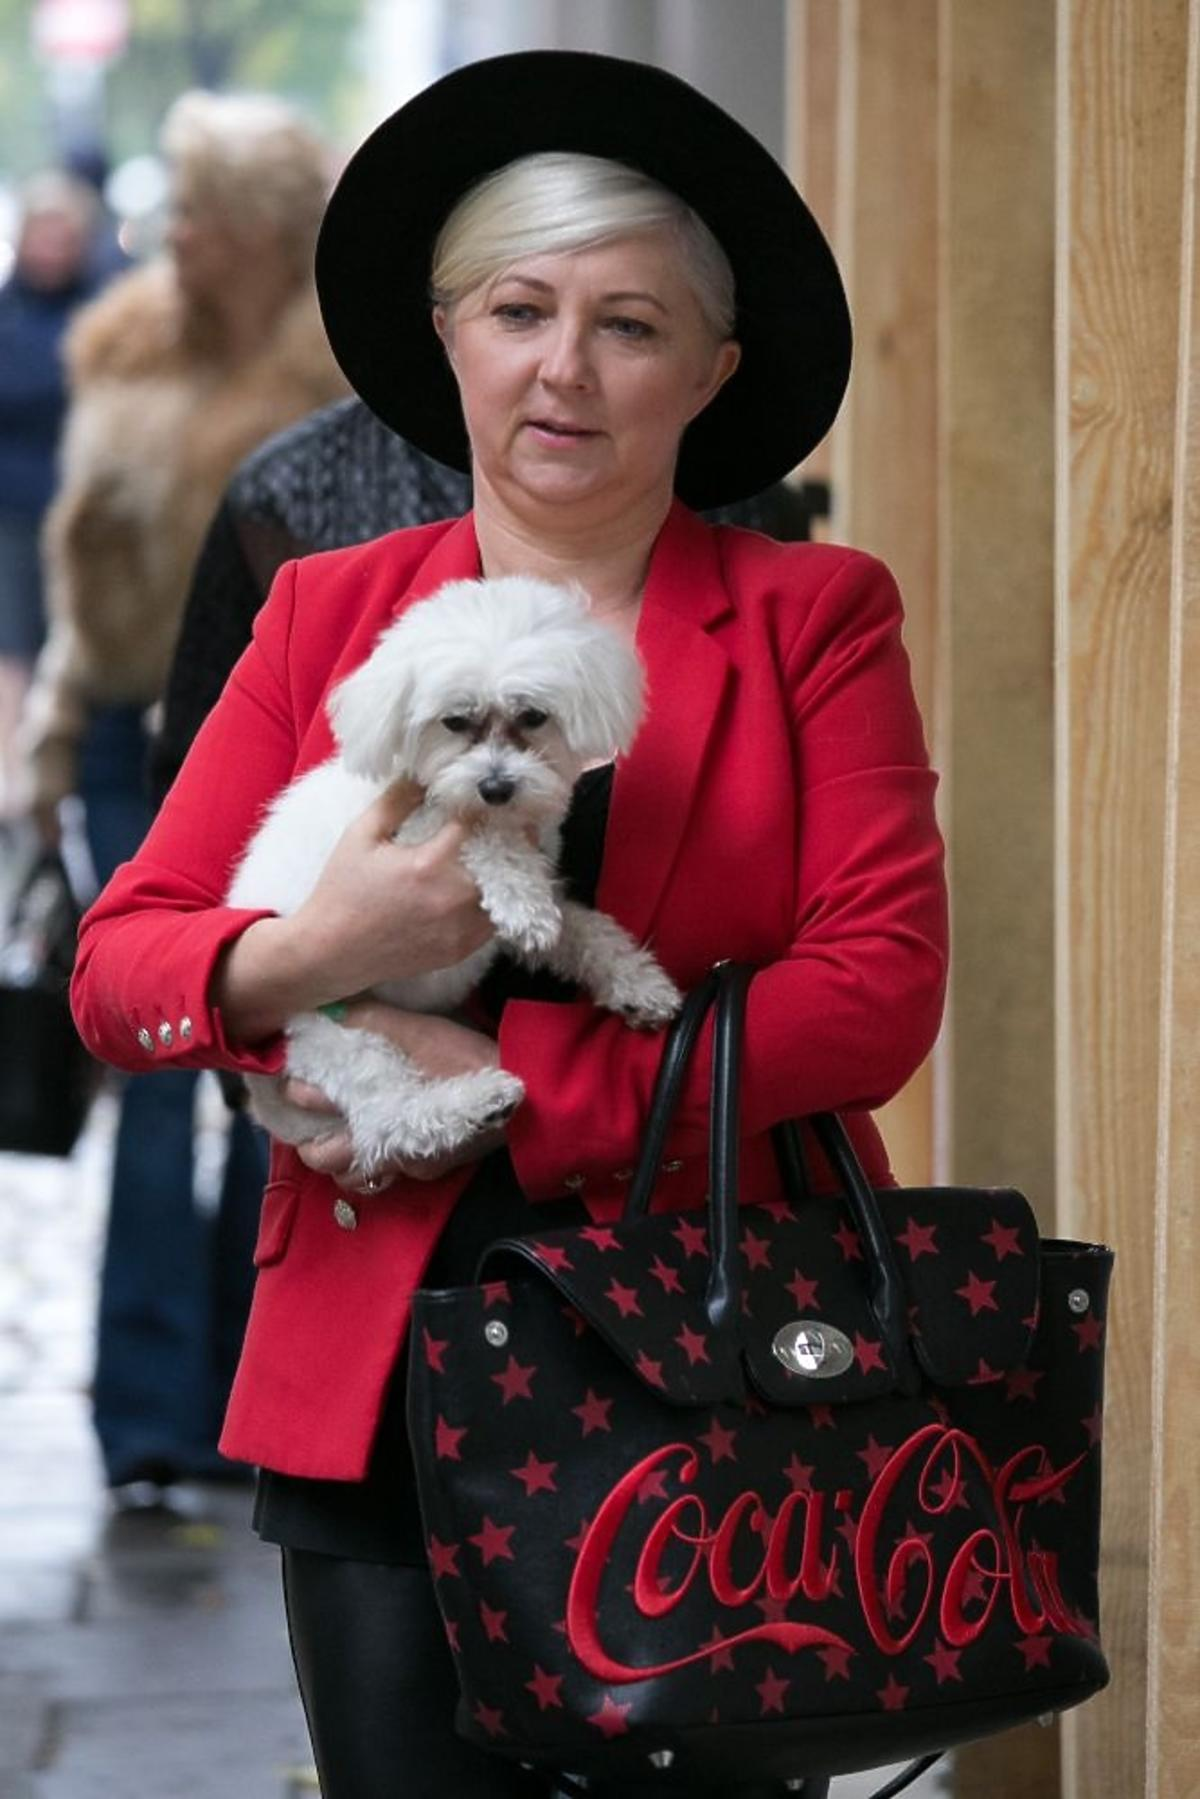 Mama margaret w kapeluszu i czerwonej marynarce na ulicy z psem